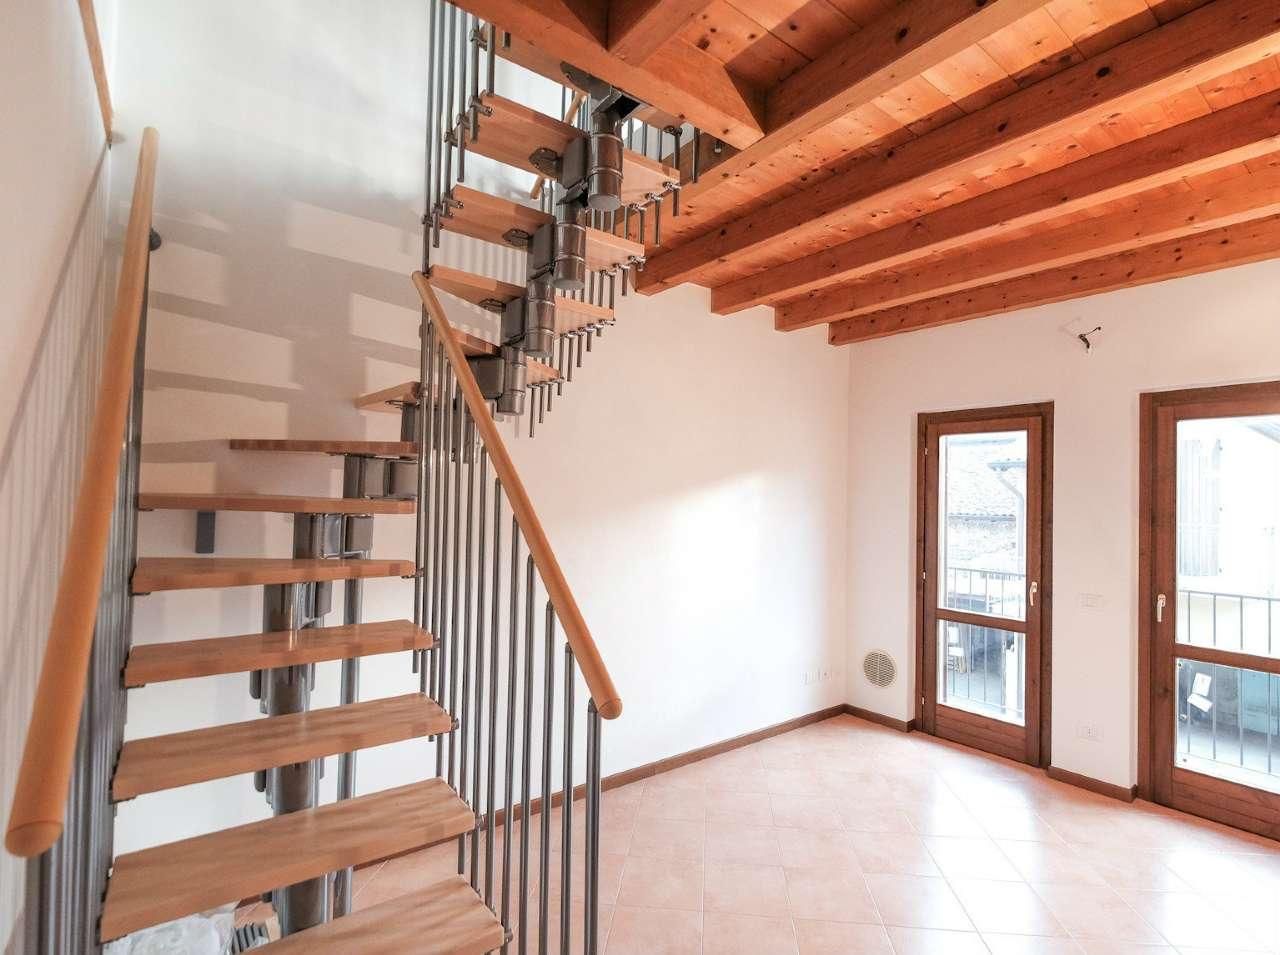 Appartamento in vendita a Brembate, 3 locali, prezzo € 95.000 | CambioCasa.it